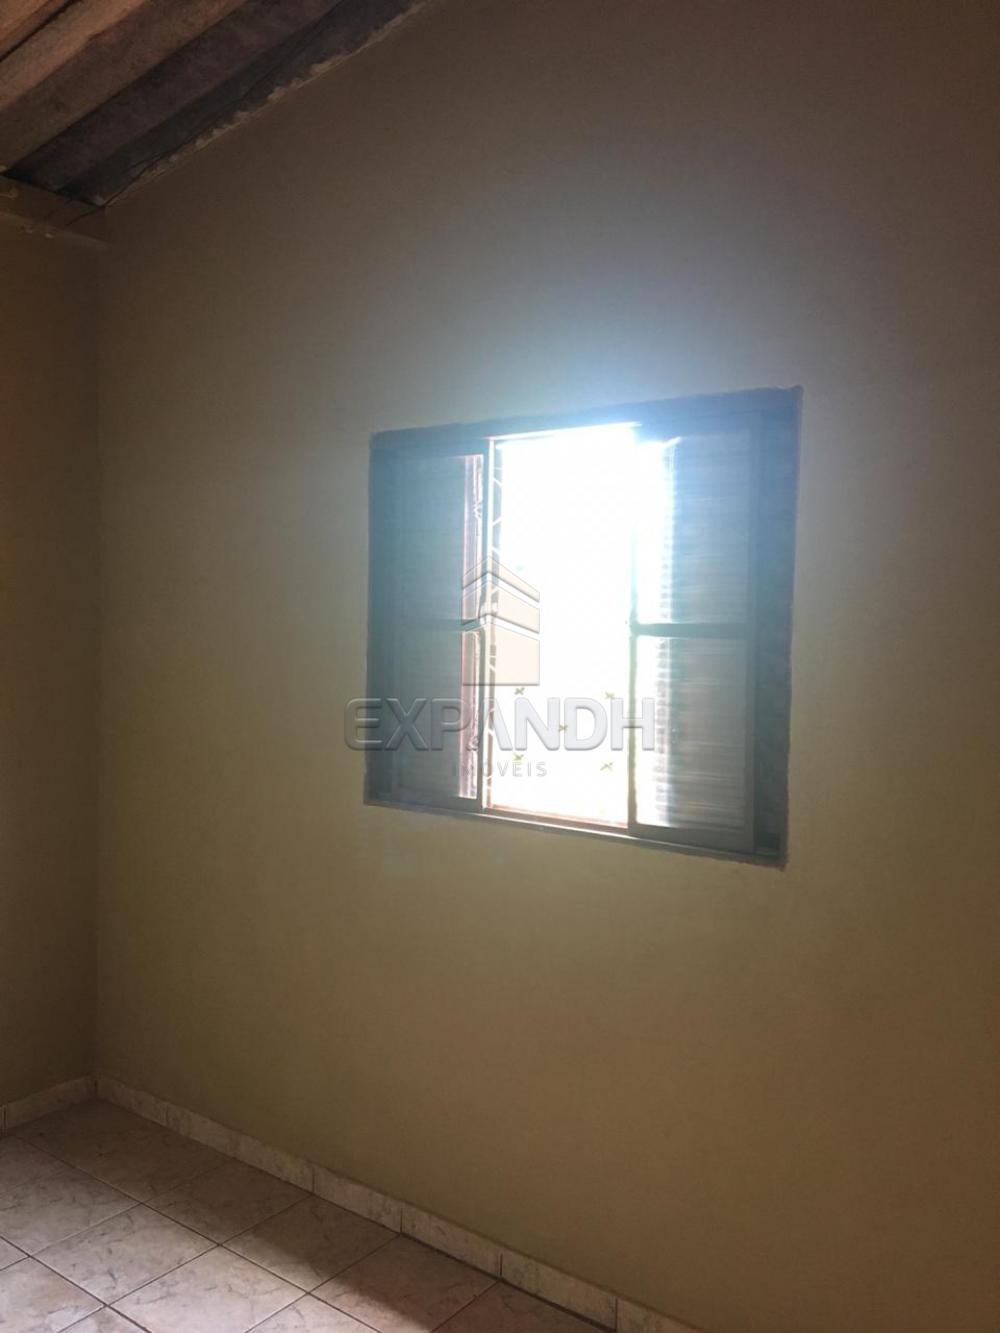 Alugar Casas / Padrão em Sertãozinho apenas R$ 400,00 - Foto 12